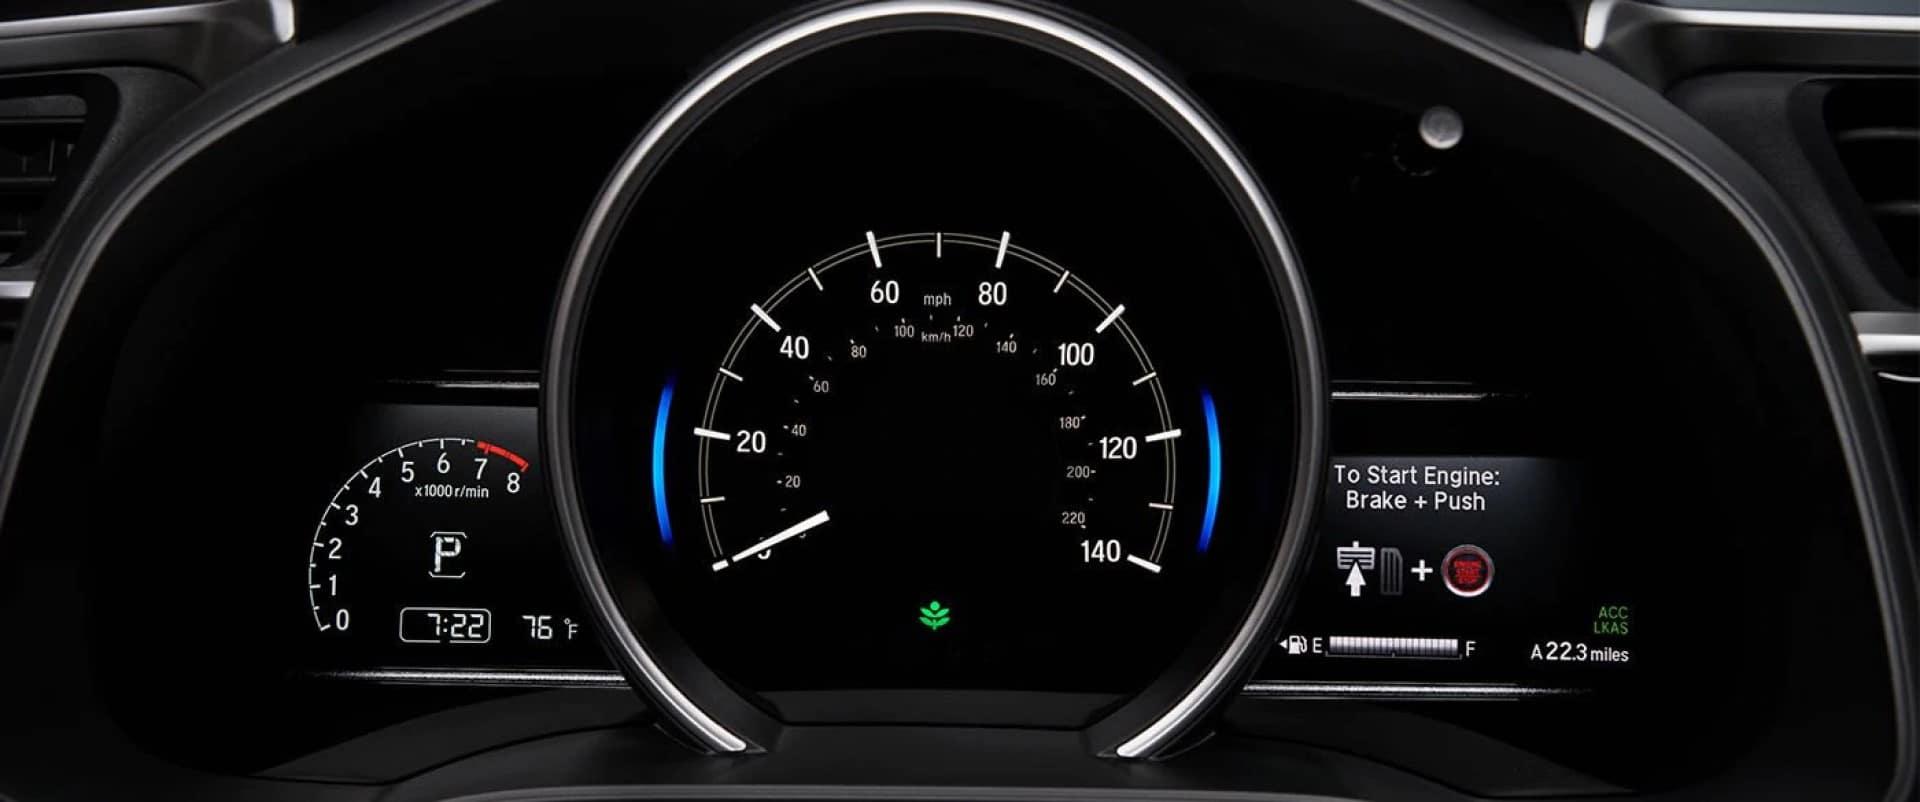 Honda_Fit_Interior_Instrumentation